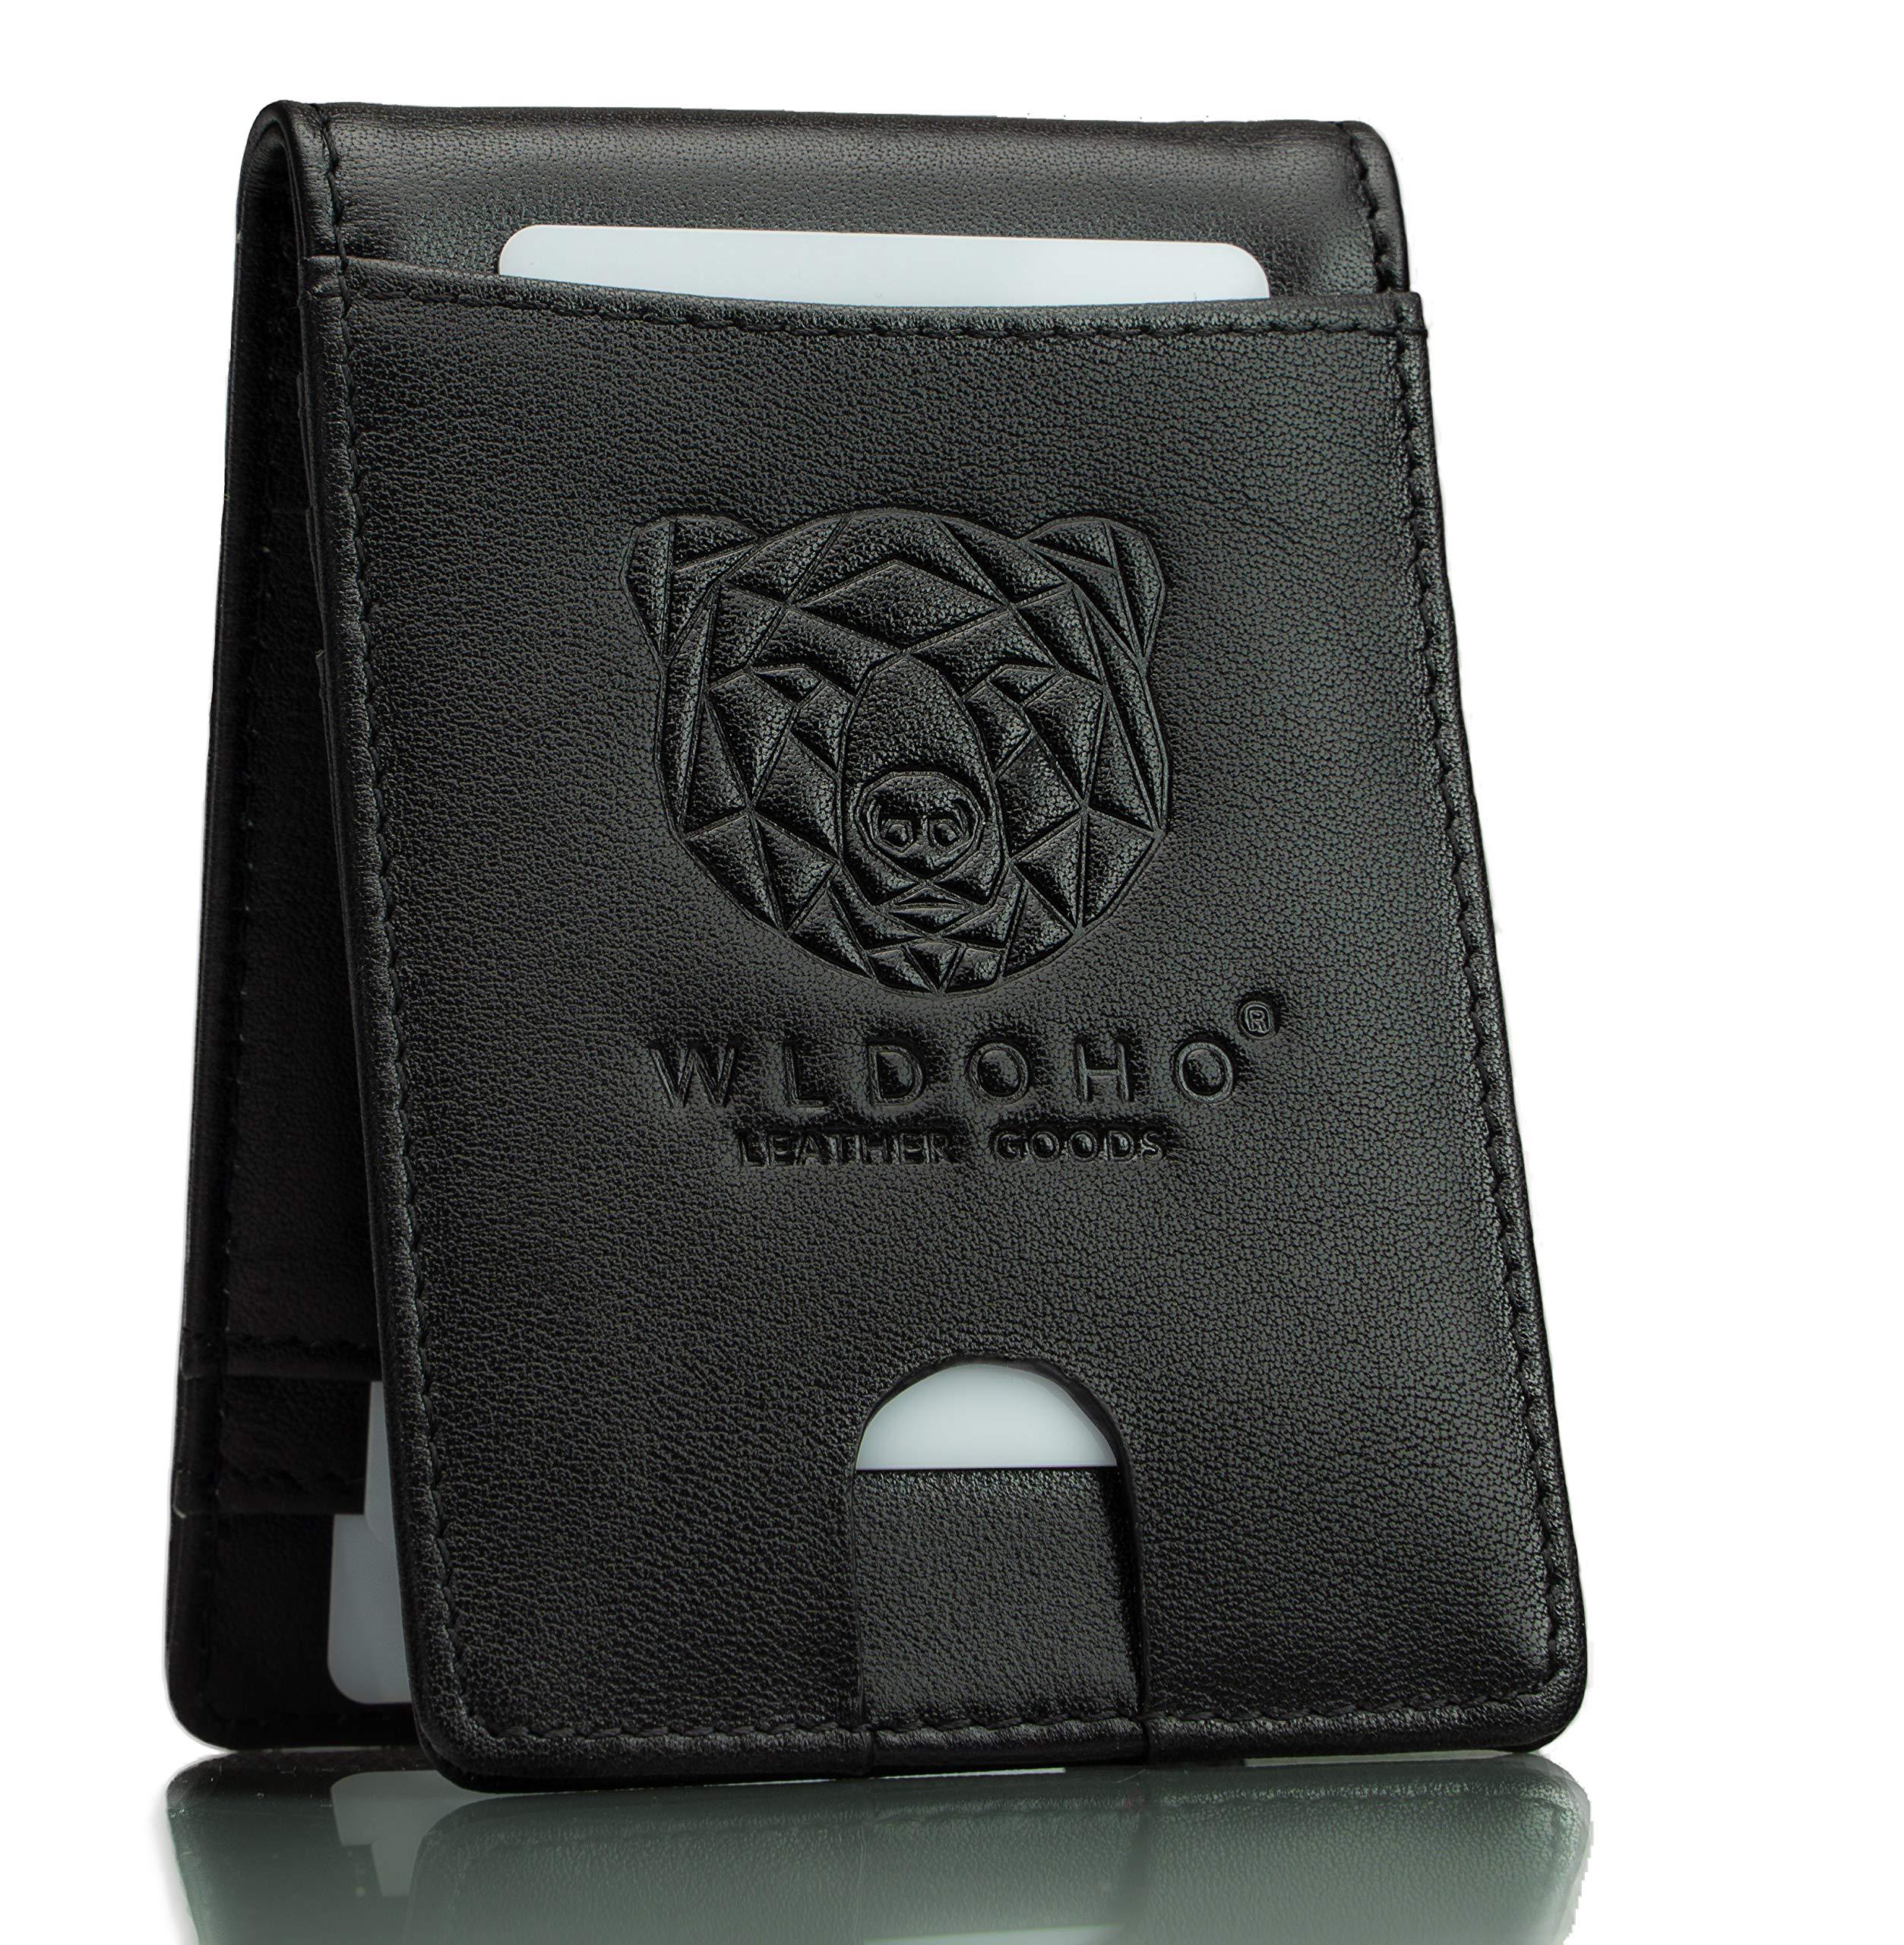 0db5ec7578d2f Am besten bewertete Produkte in der Kategorie Geldklammern - Amazon.de